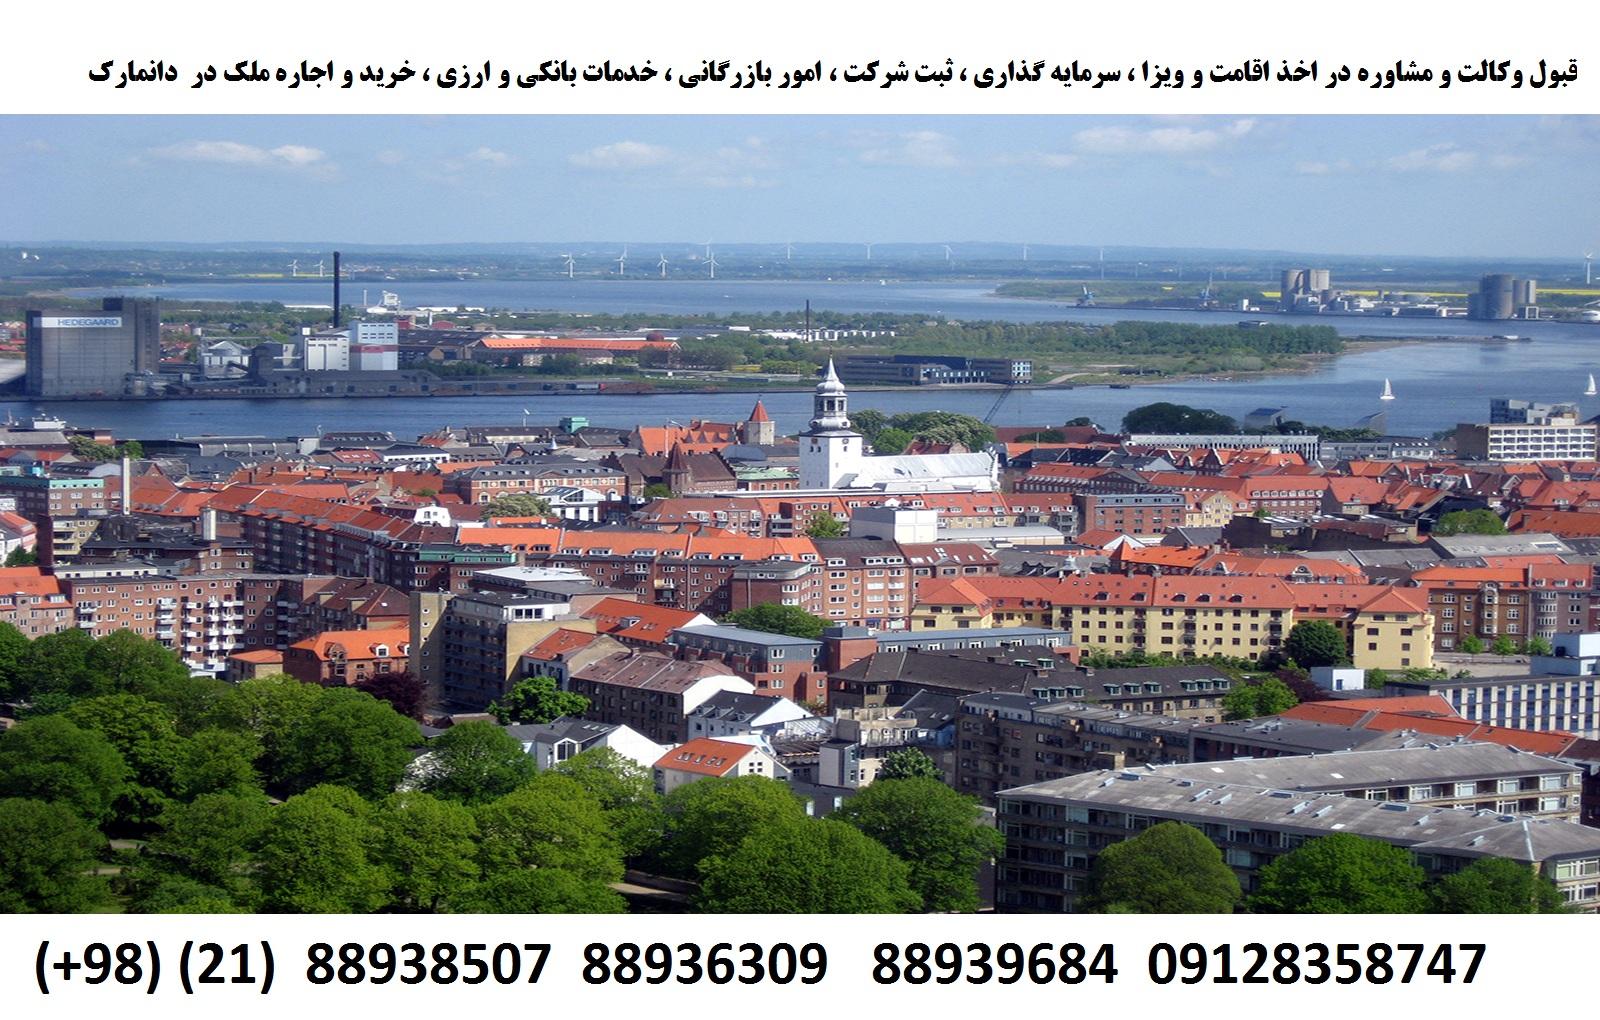 اقامت ، ویزا ، ثبت شرکت ، سرمایه گذاری در دانمارک (4)